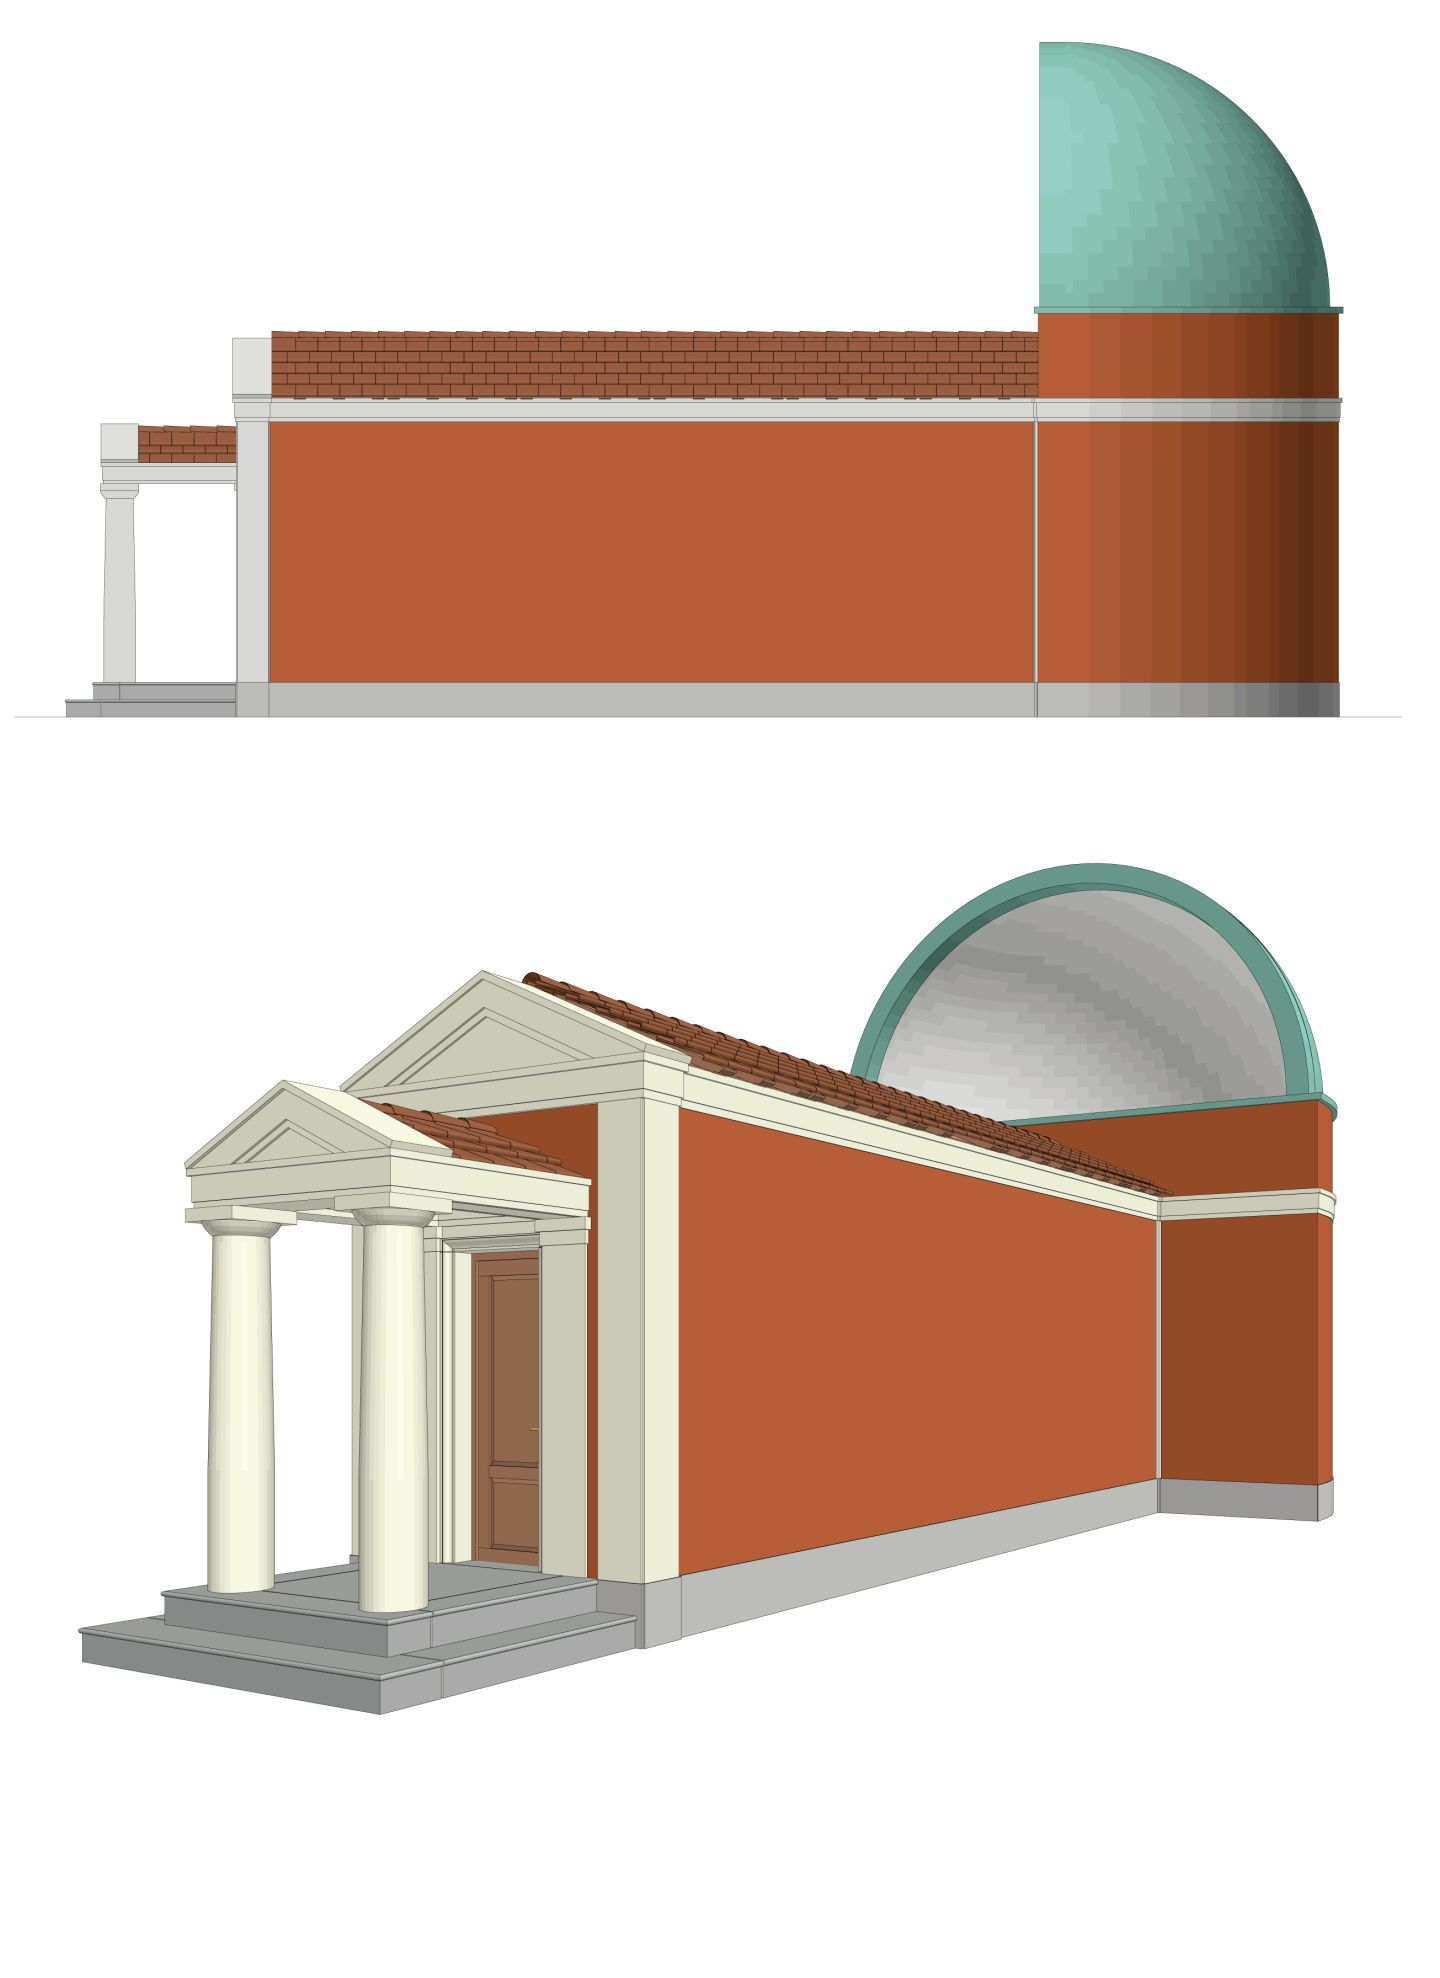 Hans Kollhoff, Mimmo Paladino, Andrea Martiradonna · Pavilion for the XXI Triennale di Milano · Divisare